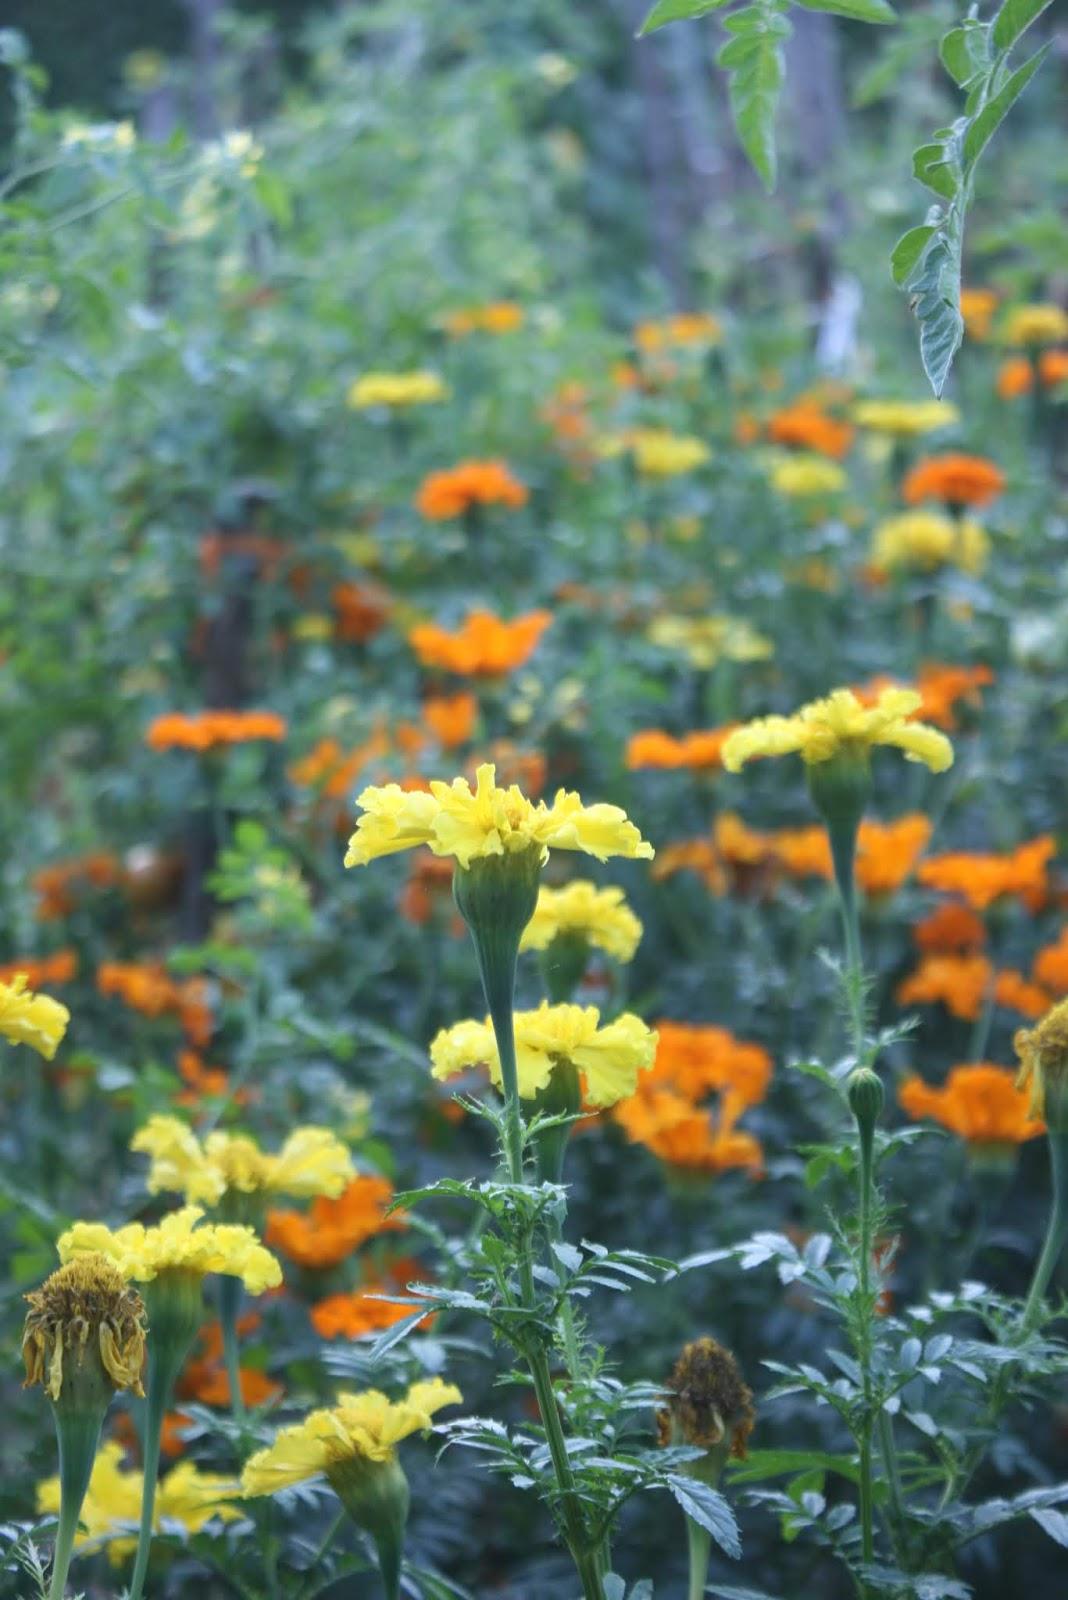 ataraxia perennial polyculture trial garden